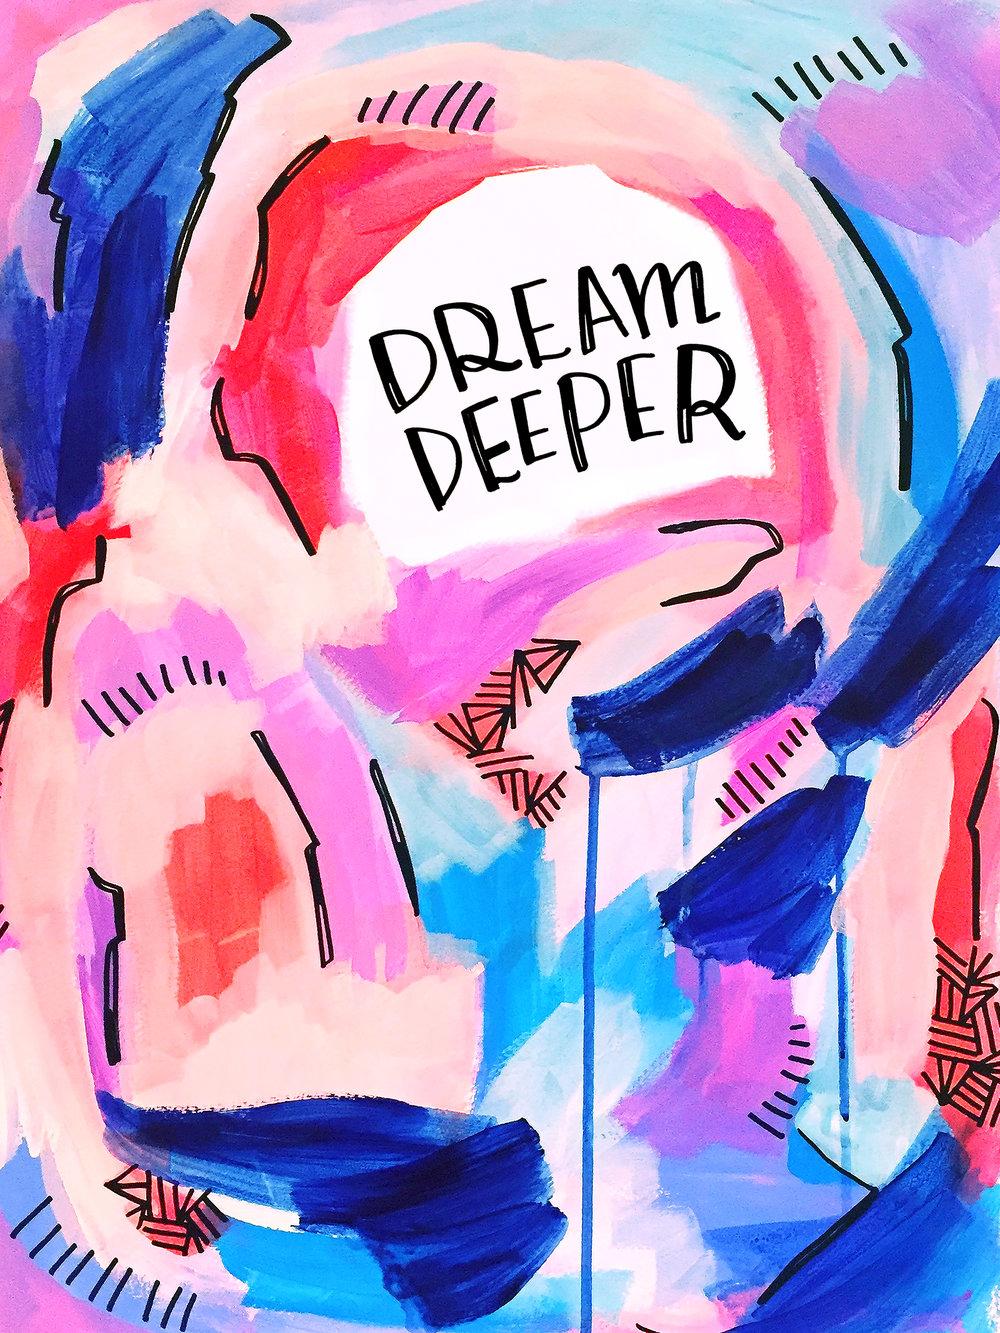 1/14/16: Dream